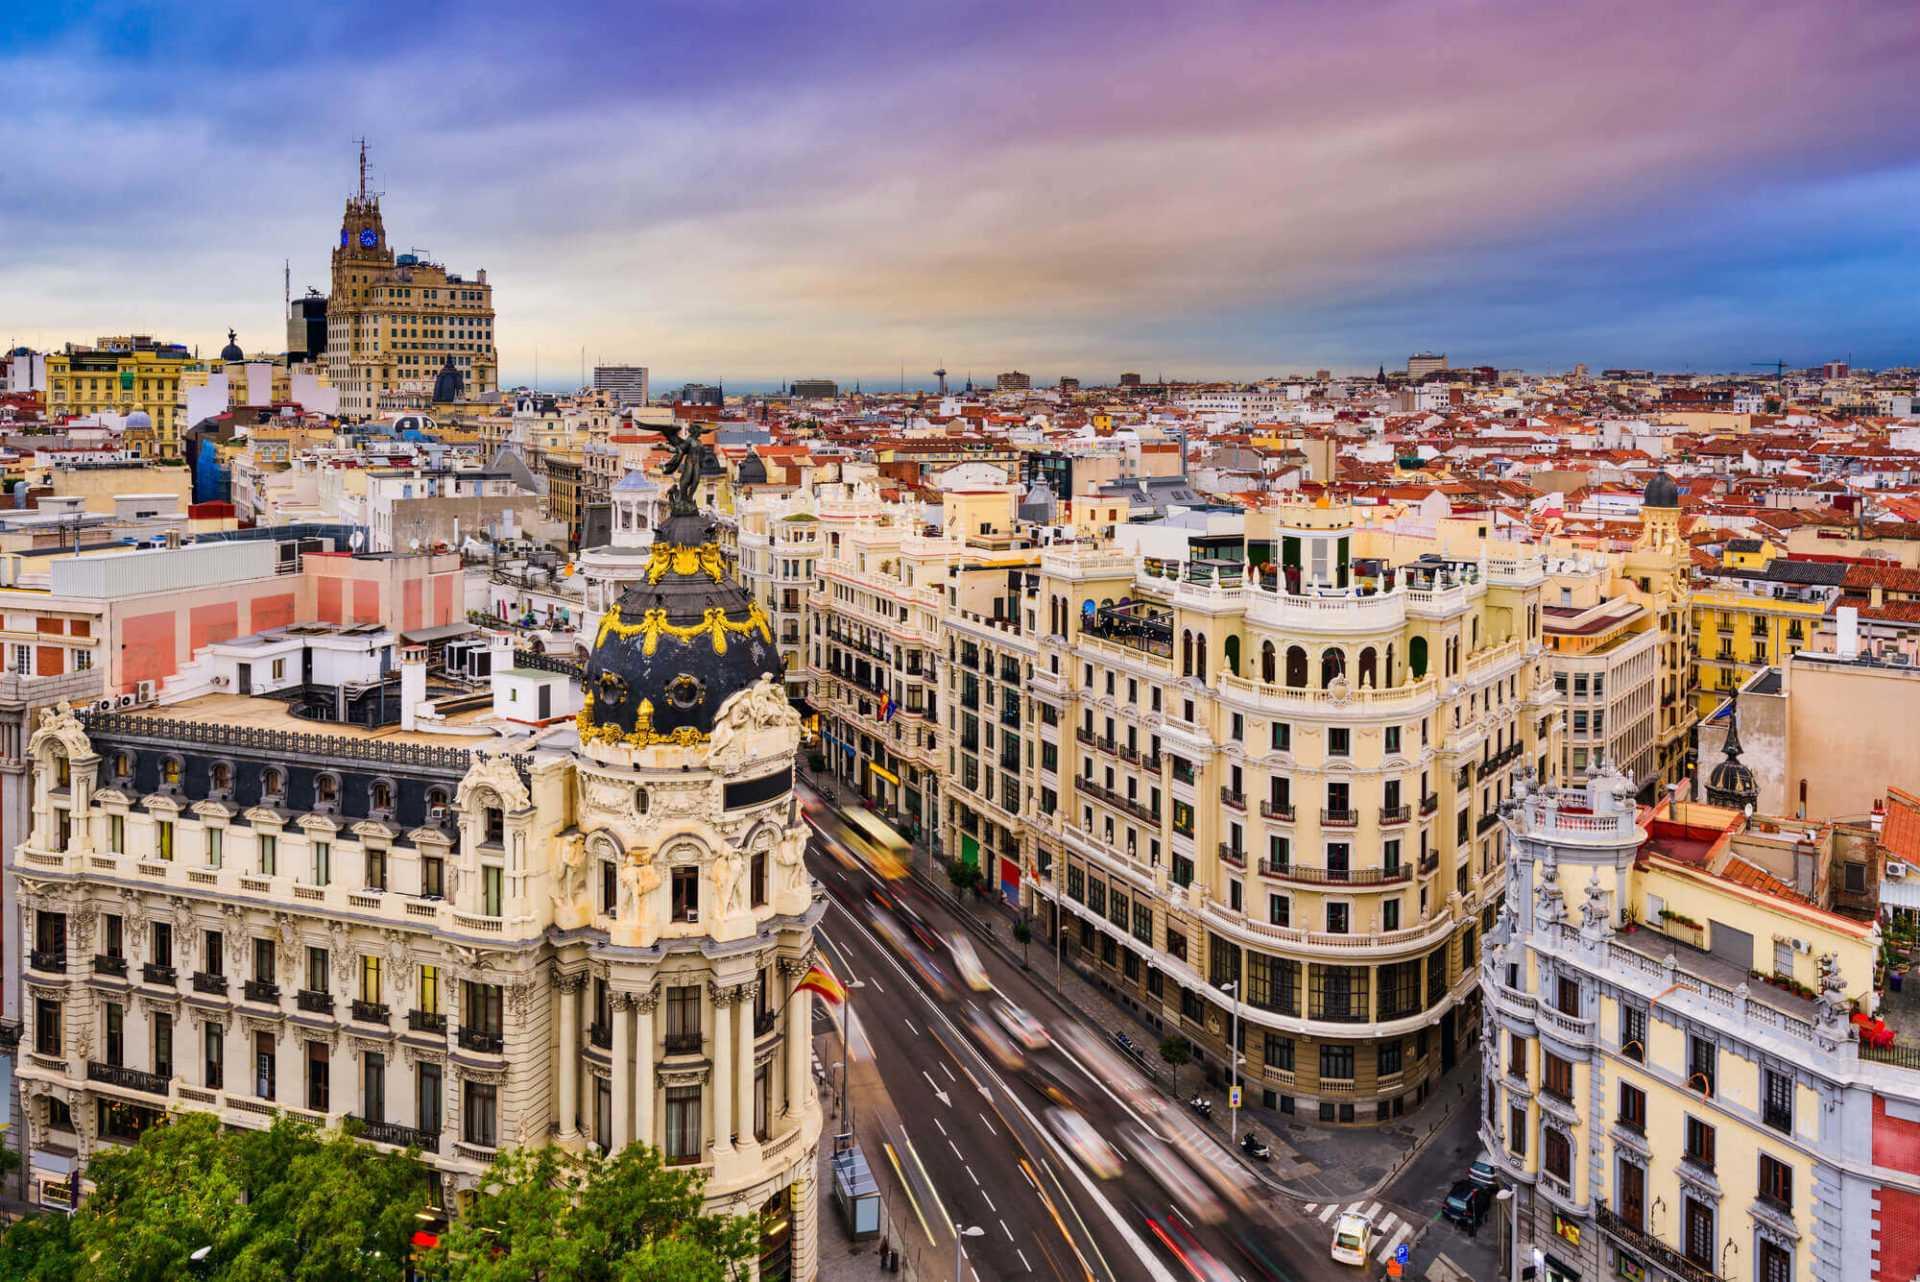 אטרקציות במדריד ב-2021 - כרטיסים, מחירים הנחות וכל ההמלצות!